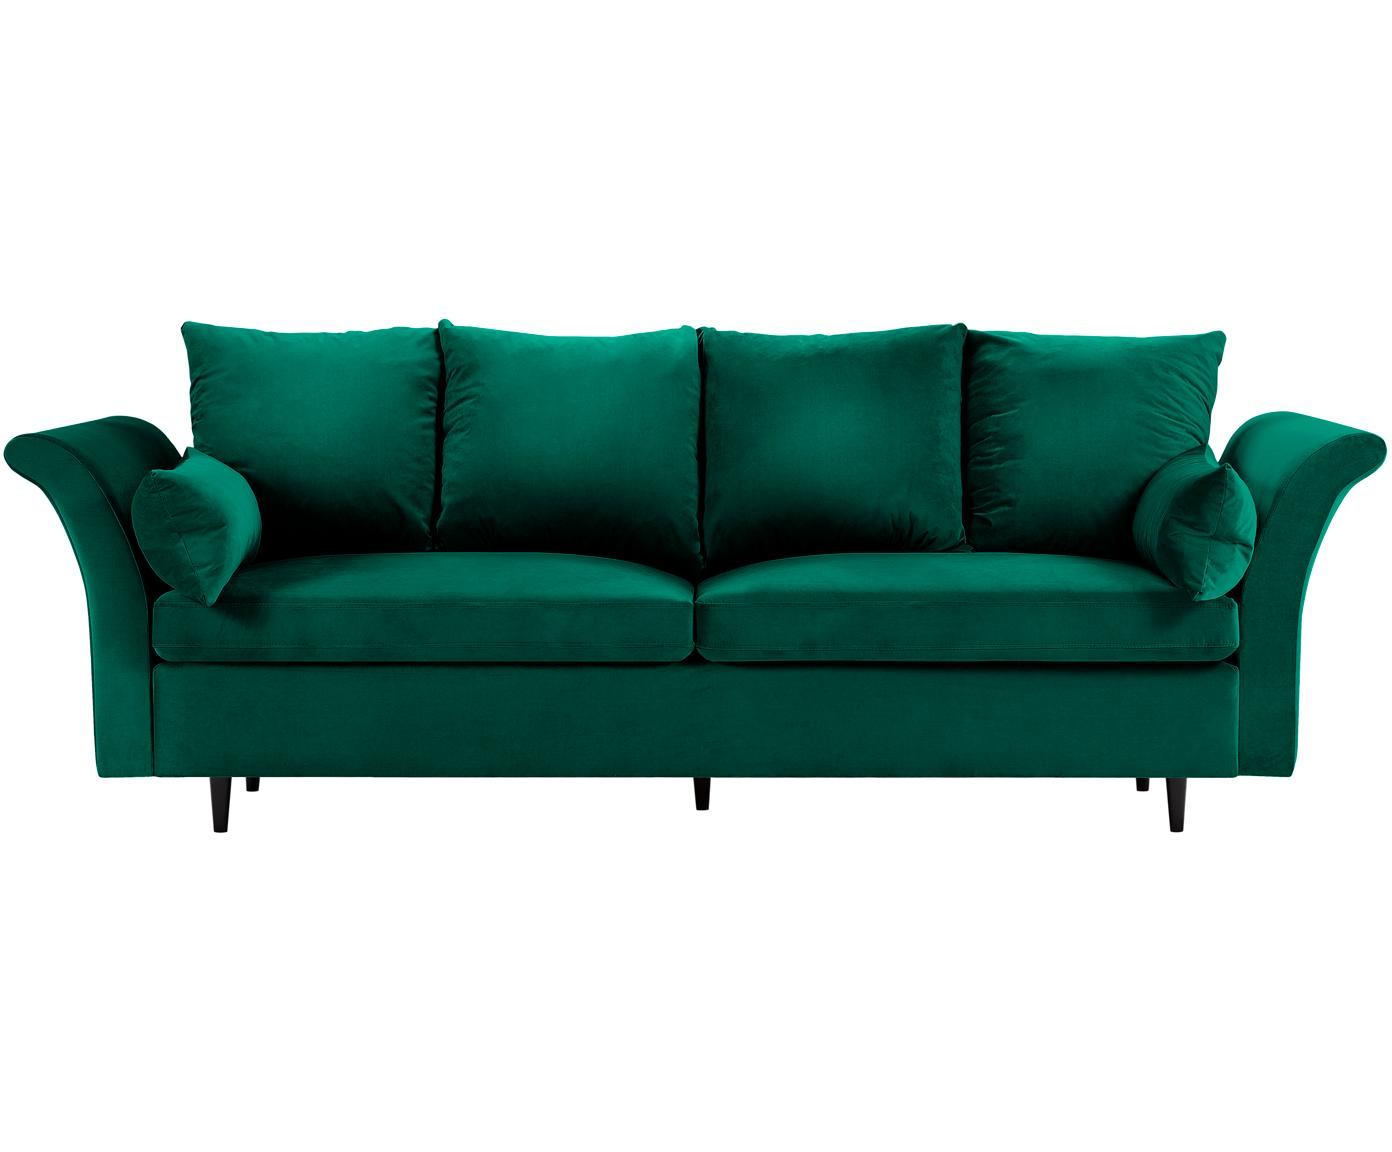 Sofa rozkładana z aksamitu Lola (3-osobowa), Tapicerka: aksamit poliestrowy, Nogi: drewno sosnowe, lakierowa, Butelkowy zielony, S 245 x G 95 cm